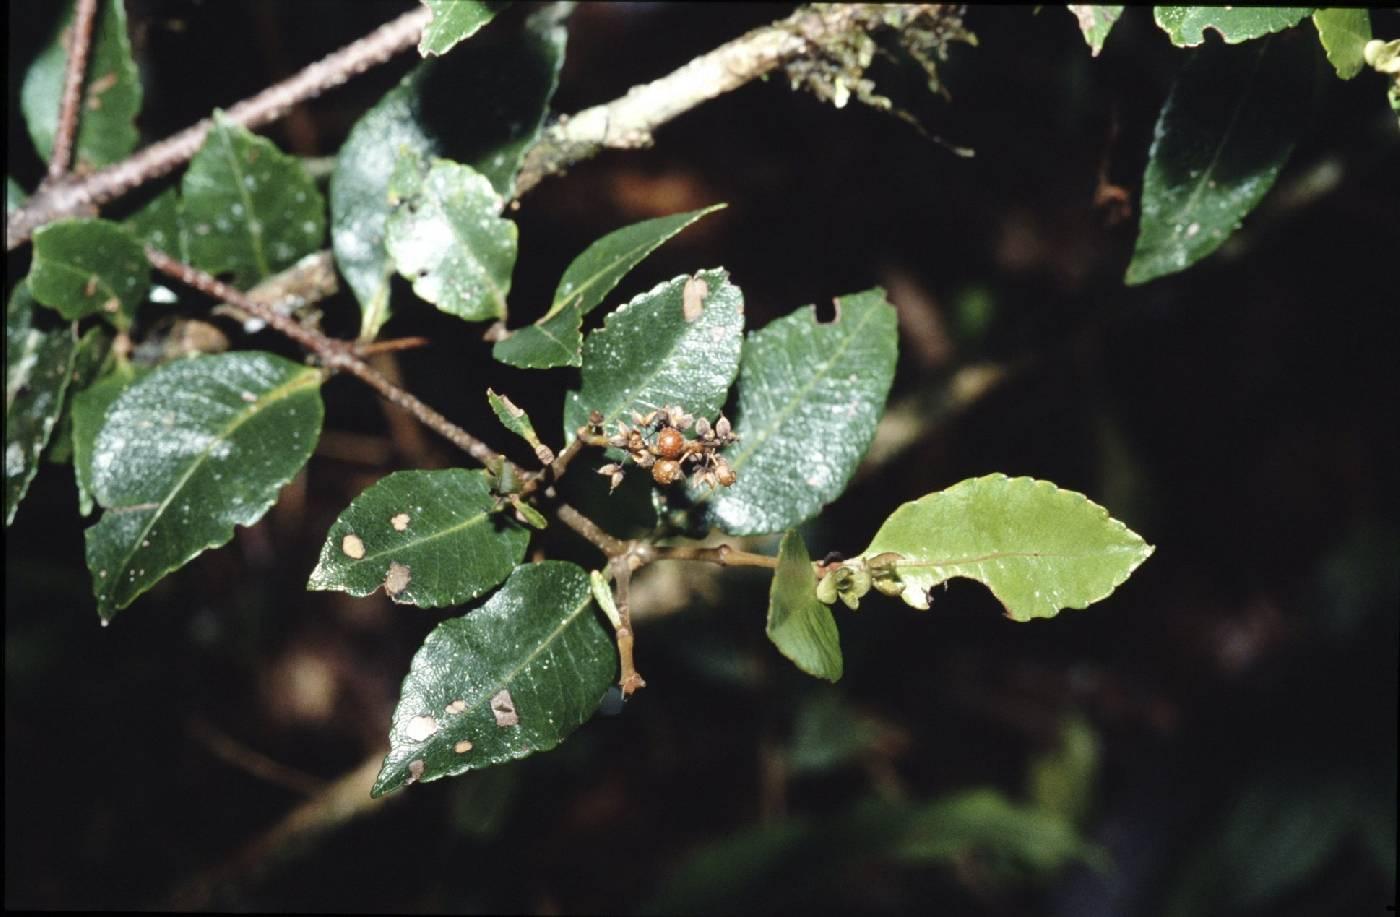 Weinmannia balbisiana image